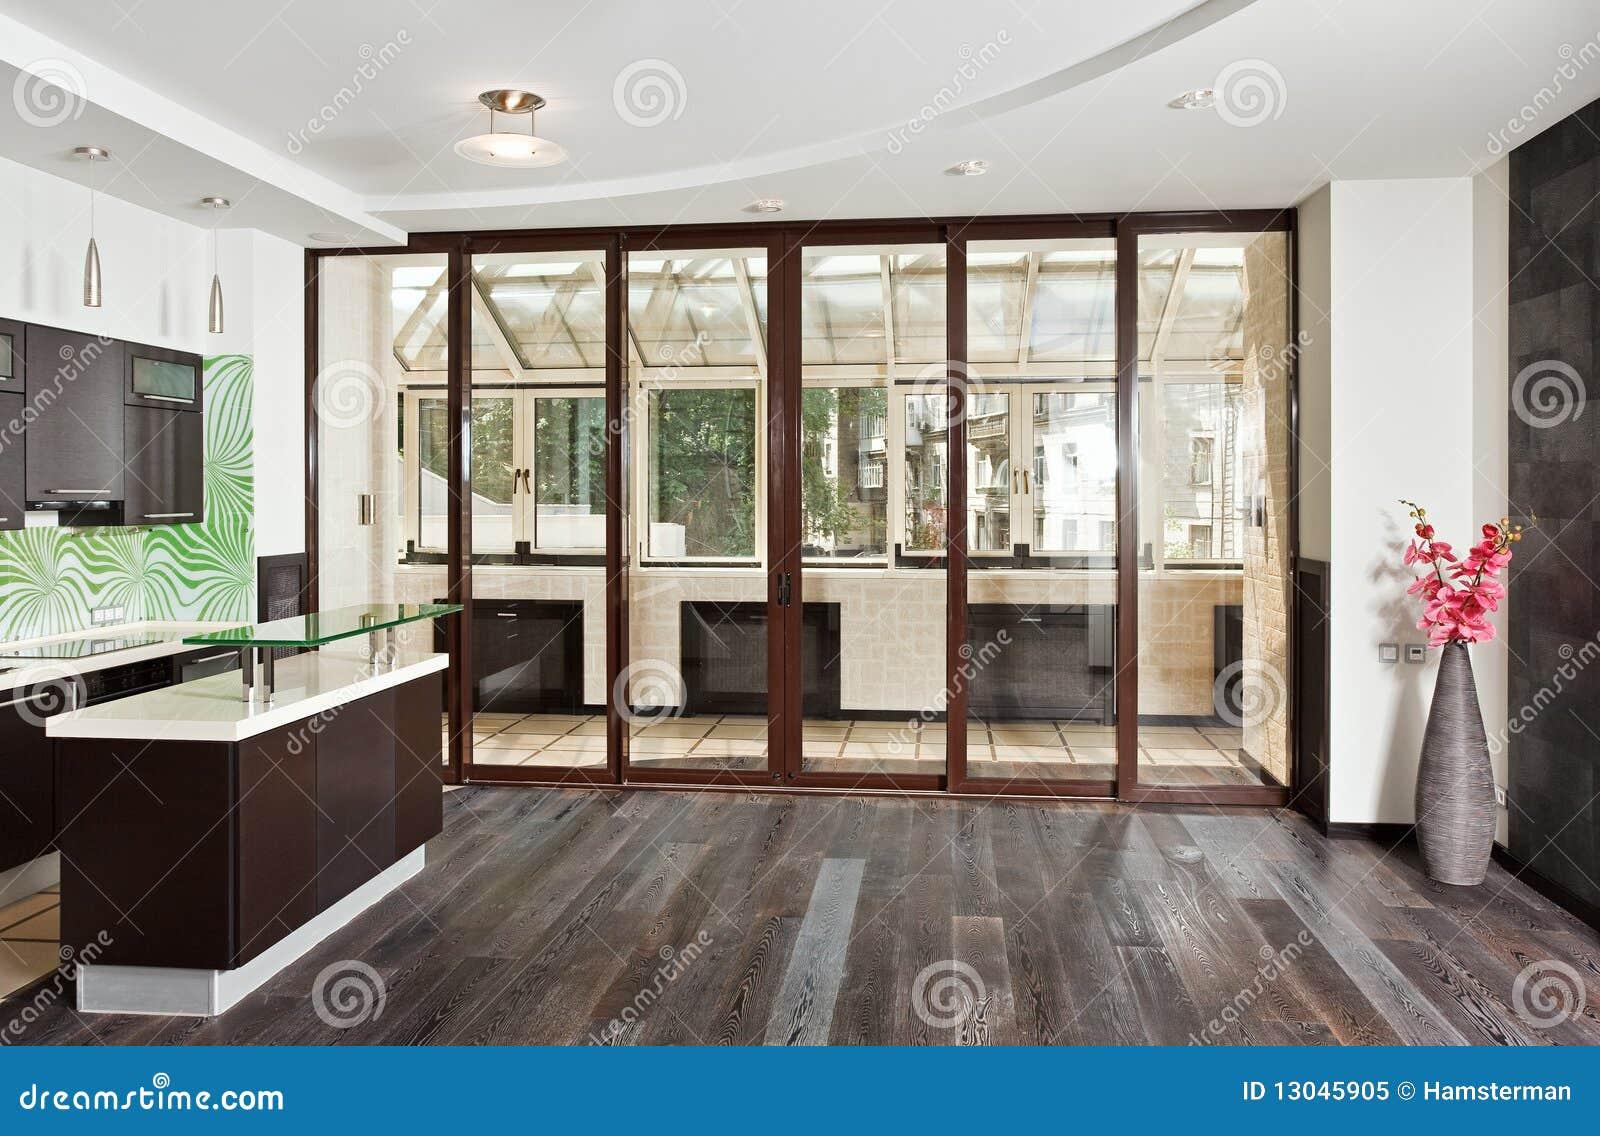 Salon Et Cuisine Modernes Avec Le Balcon Image stock - Image ...